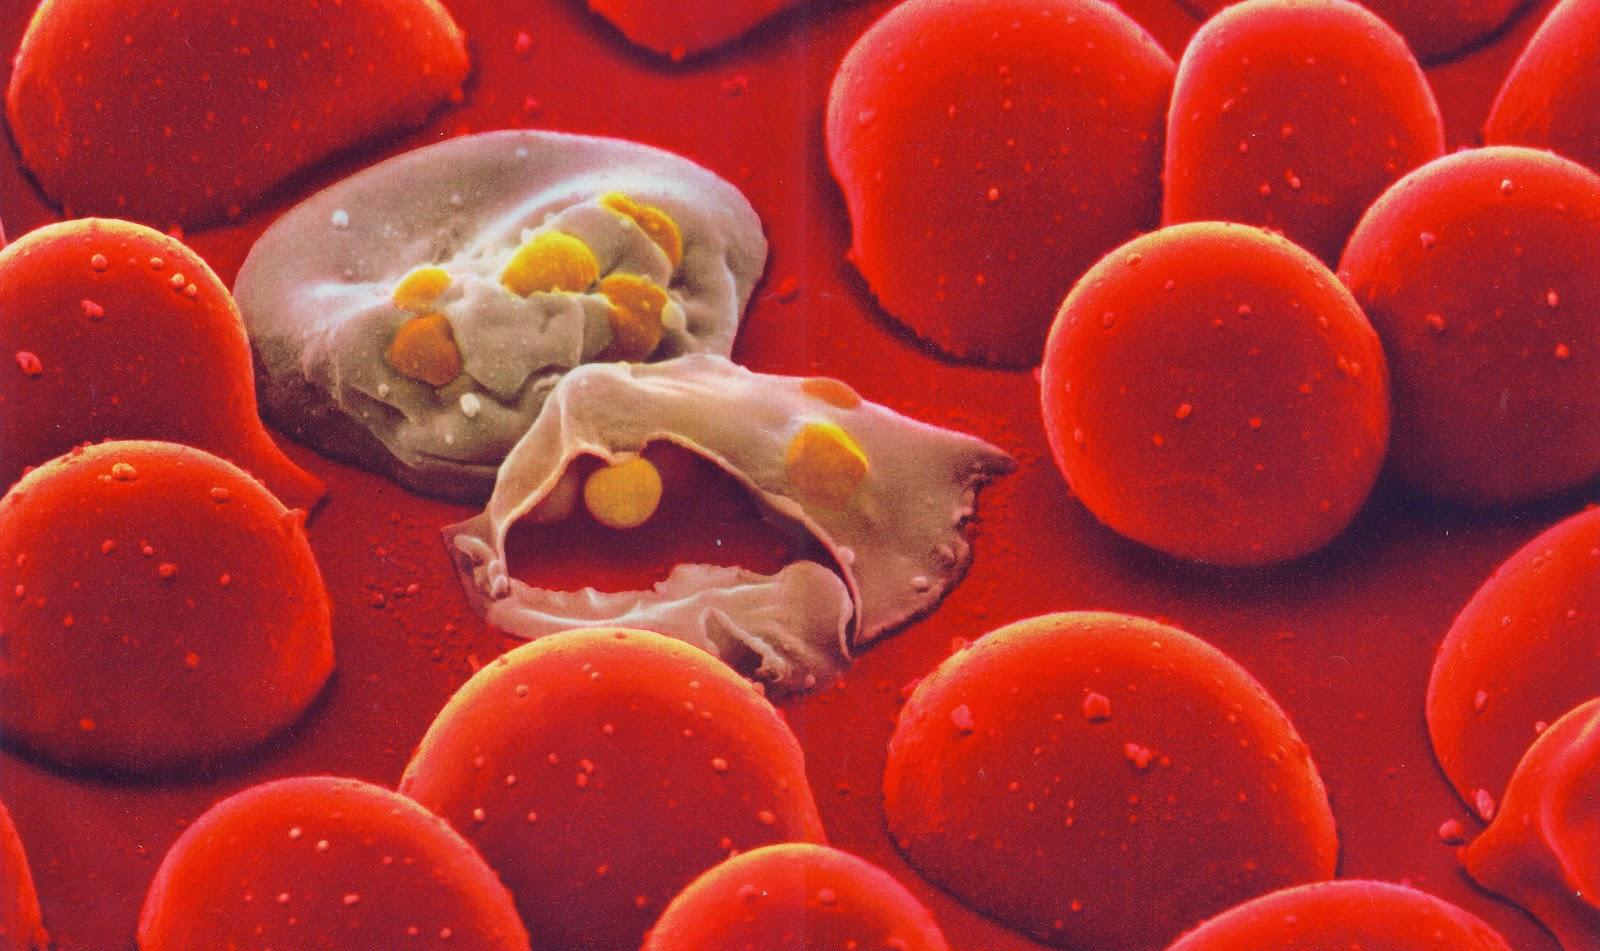 цикл развития малярийного плазмодия схема